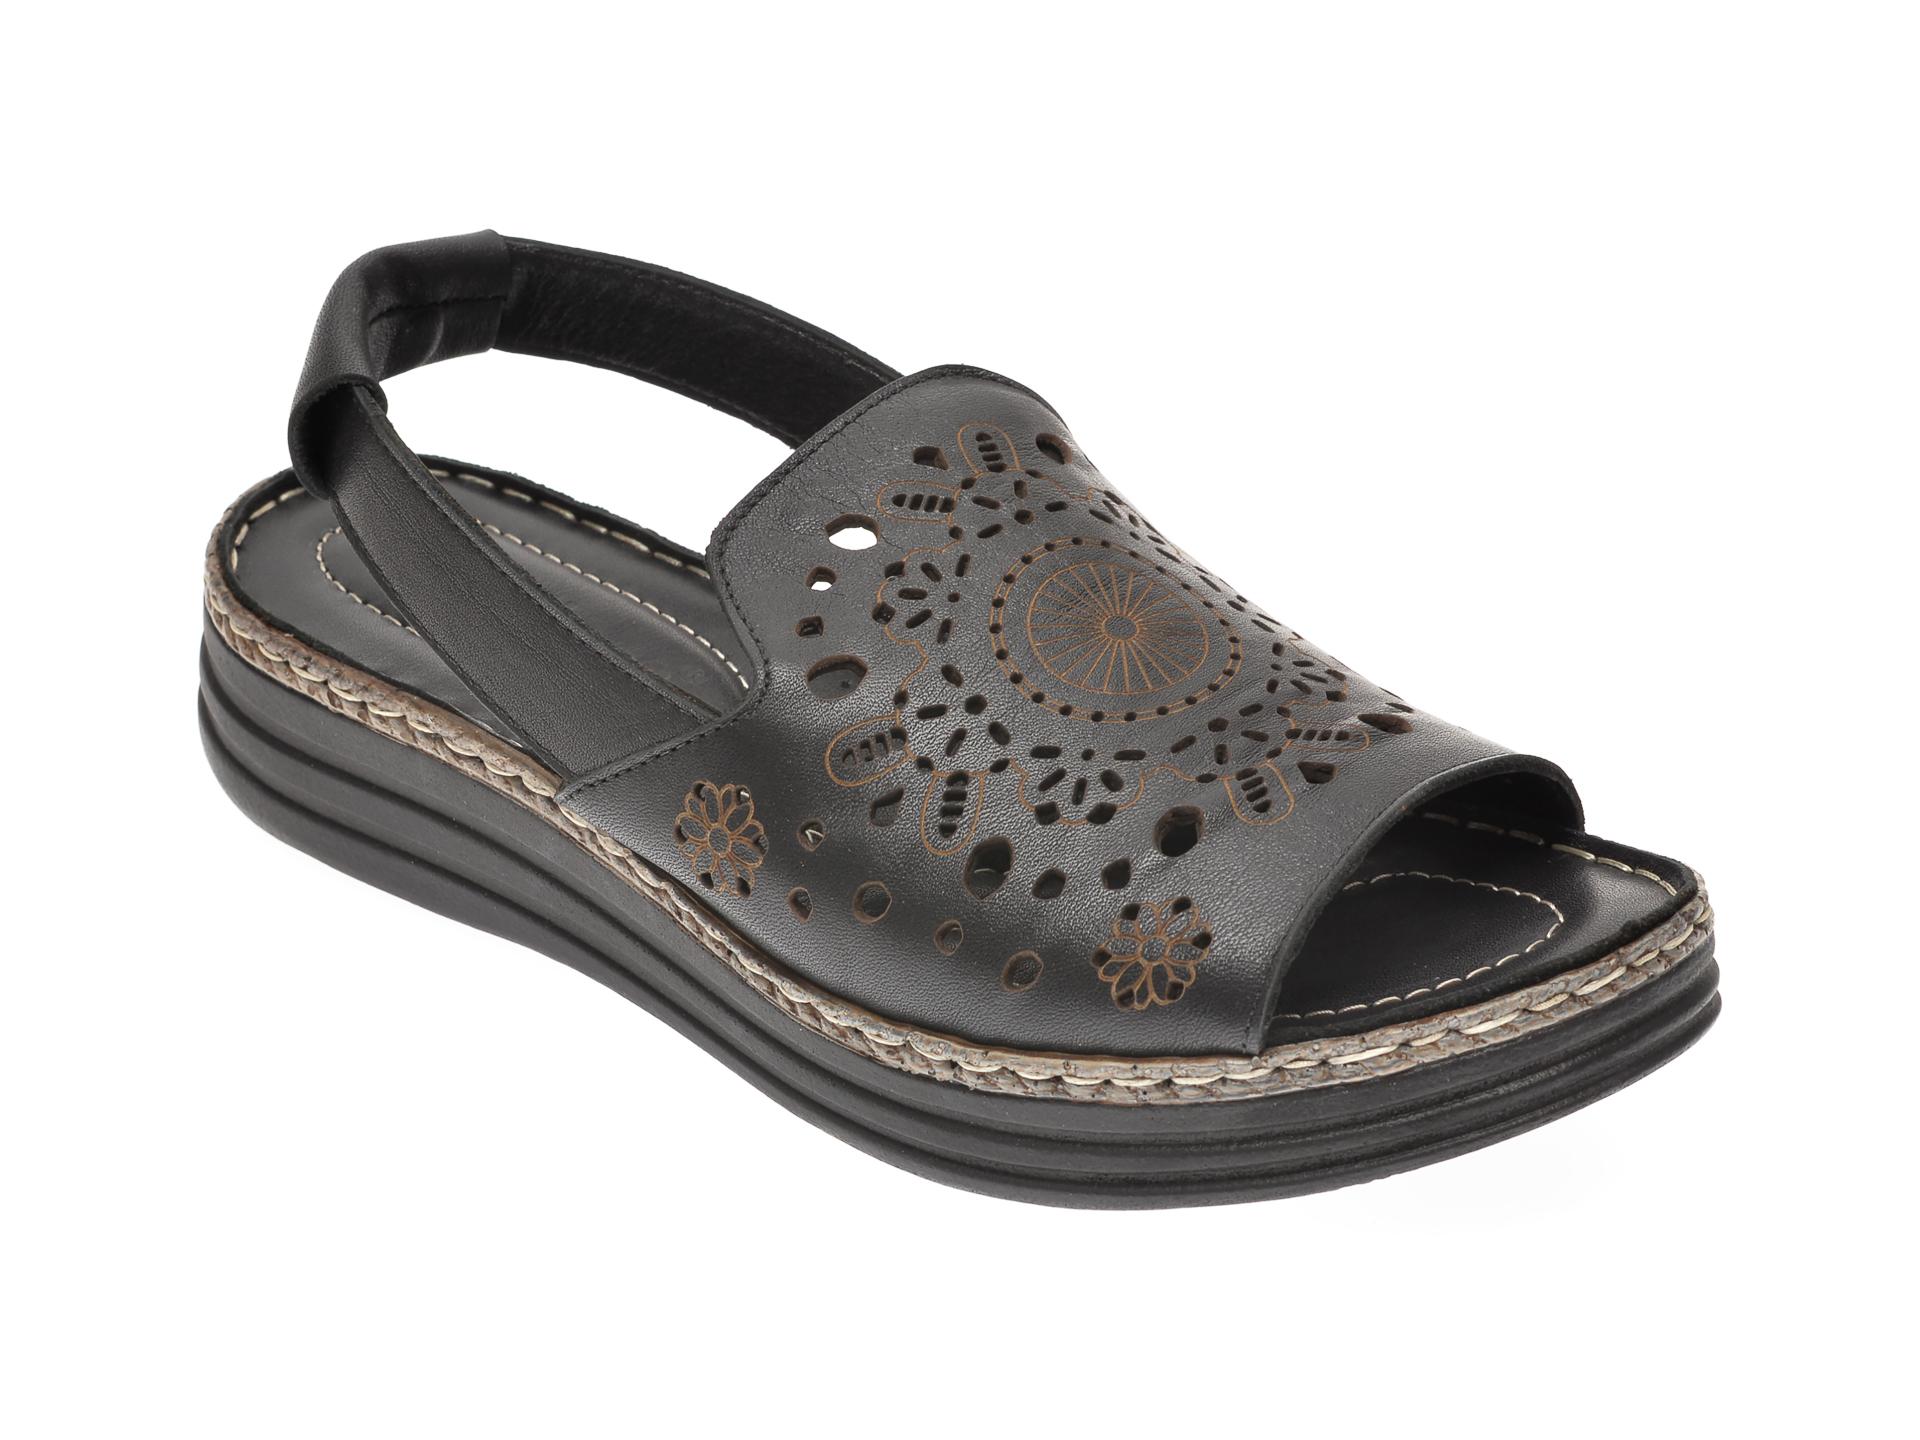 Sandale ENDICAN negre, 123531, din piele naturala